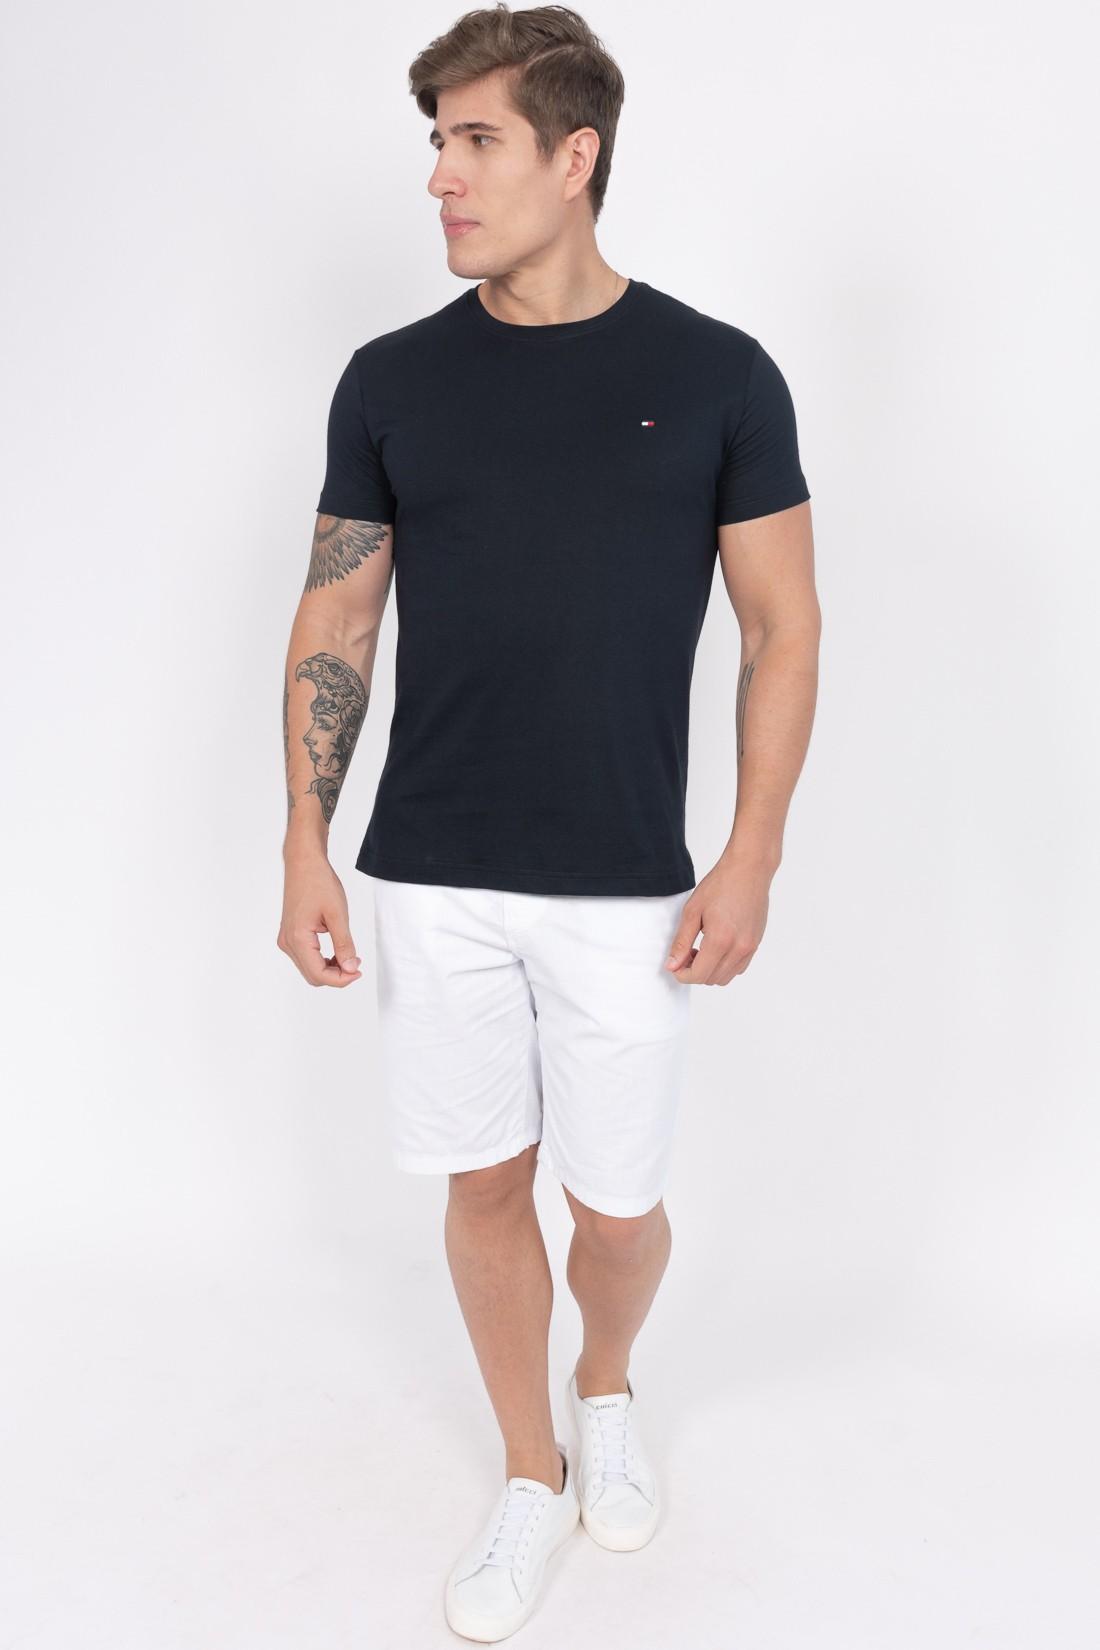 Camiseta Mc Tommy Hilfiger Basic